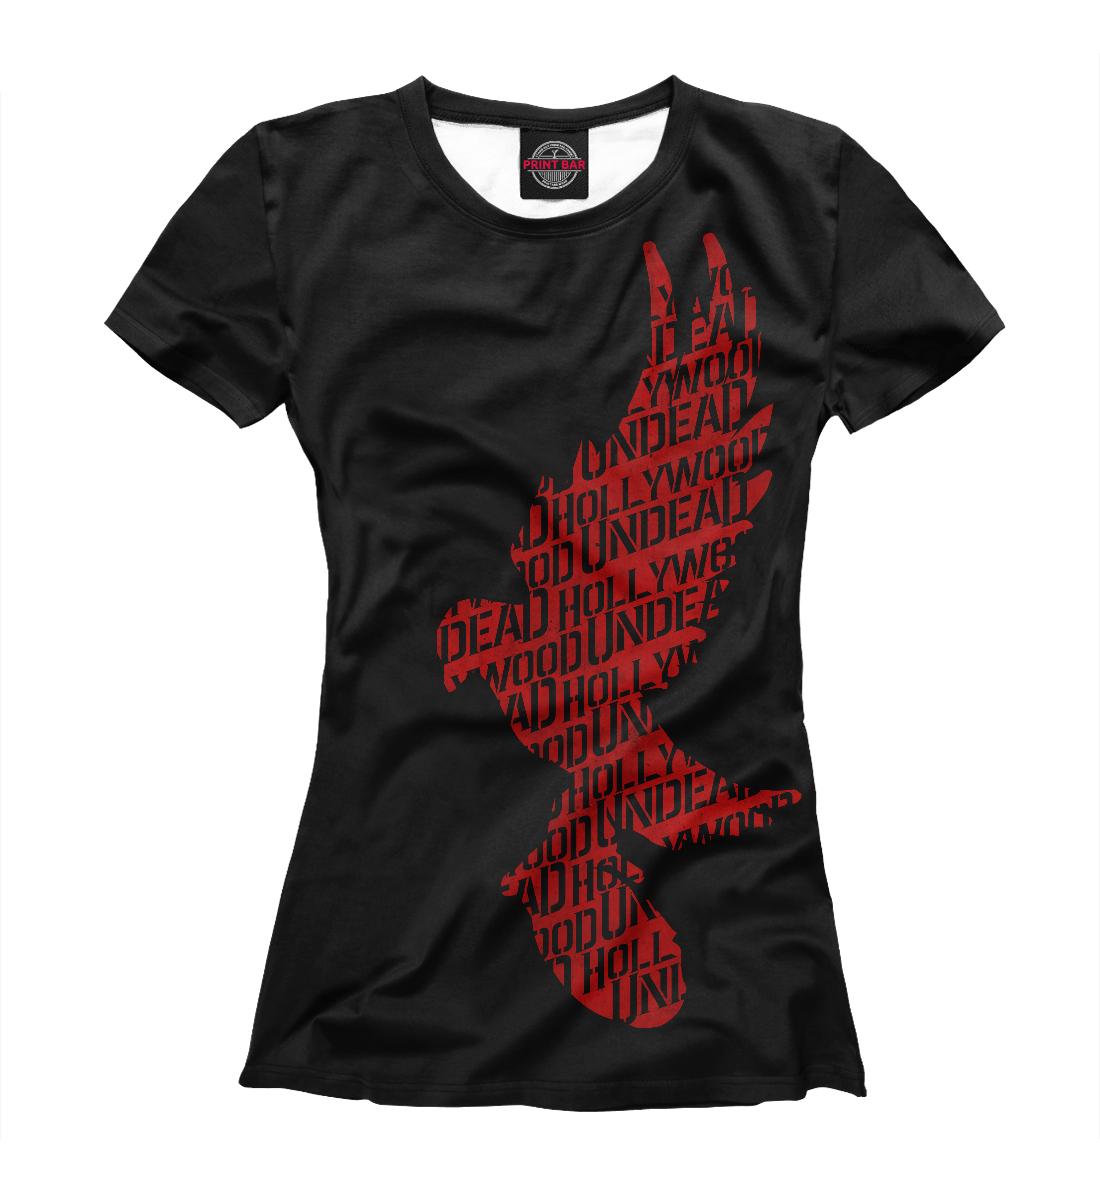 Купить Голубь red Hollywood Undead, Printbar, Футболки, HLW-697696-fut-1